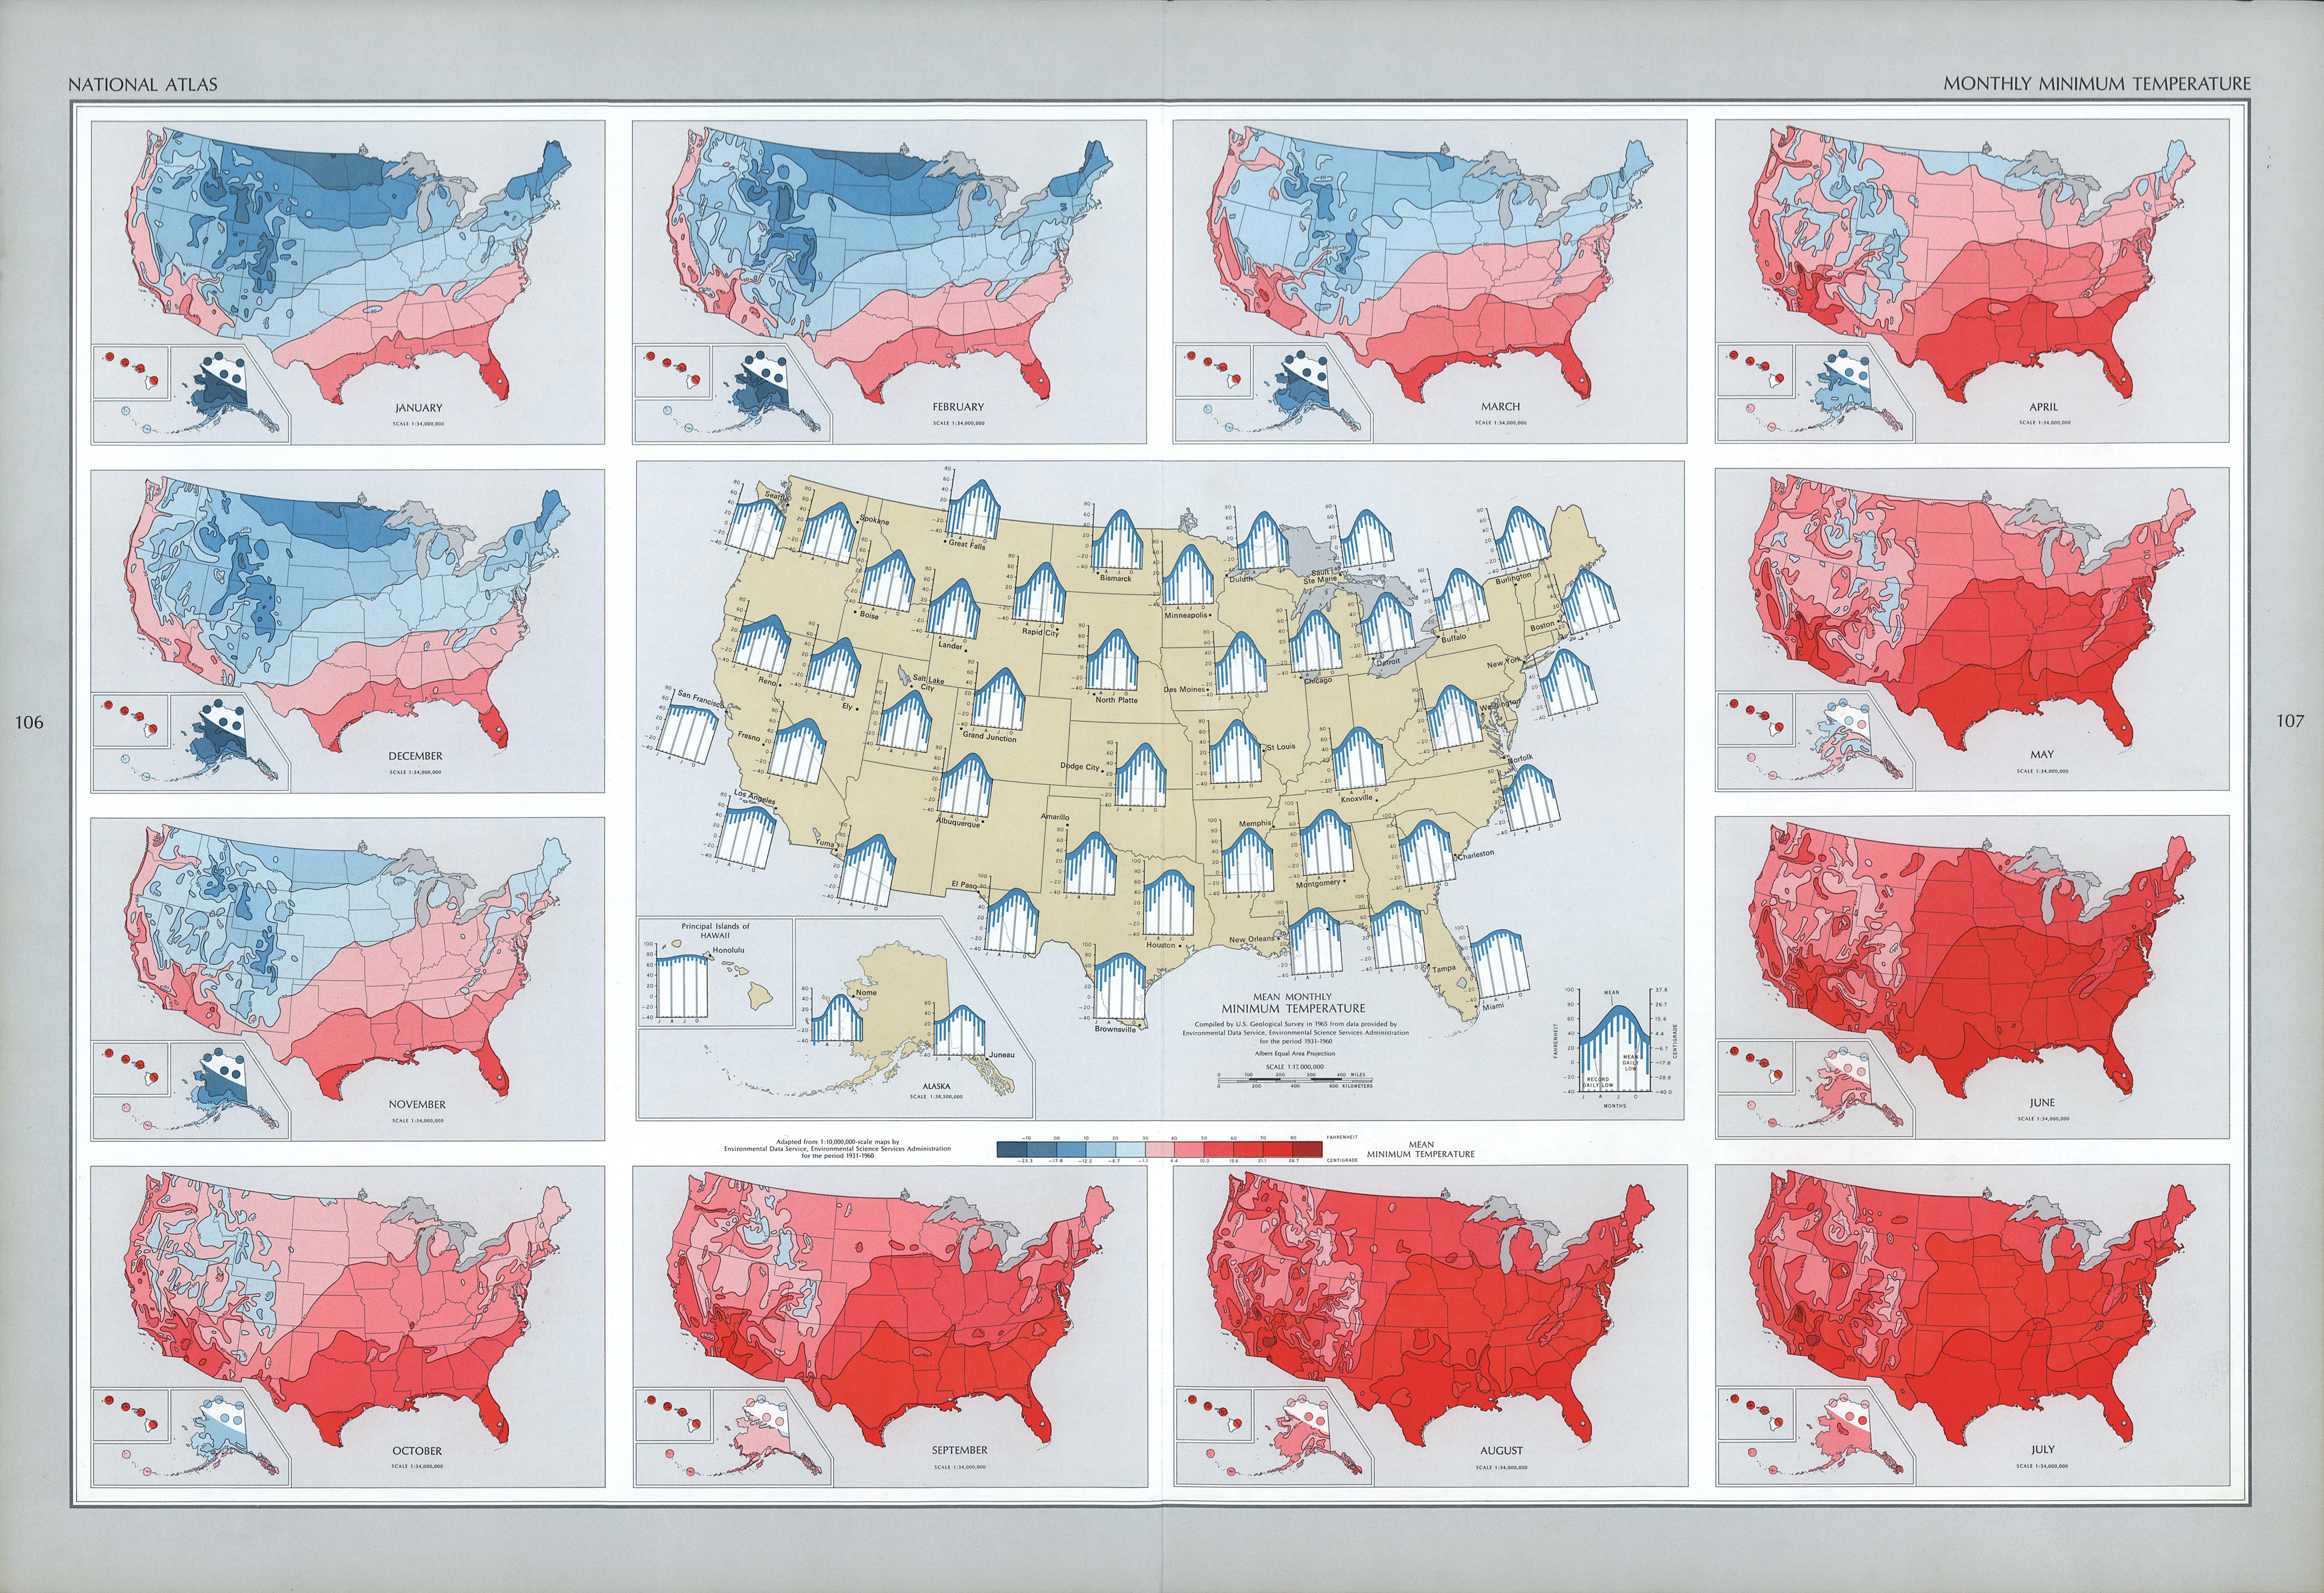 Mapa de las Temperaturas Mínimas Mensuales en Estados Unidos